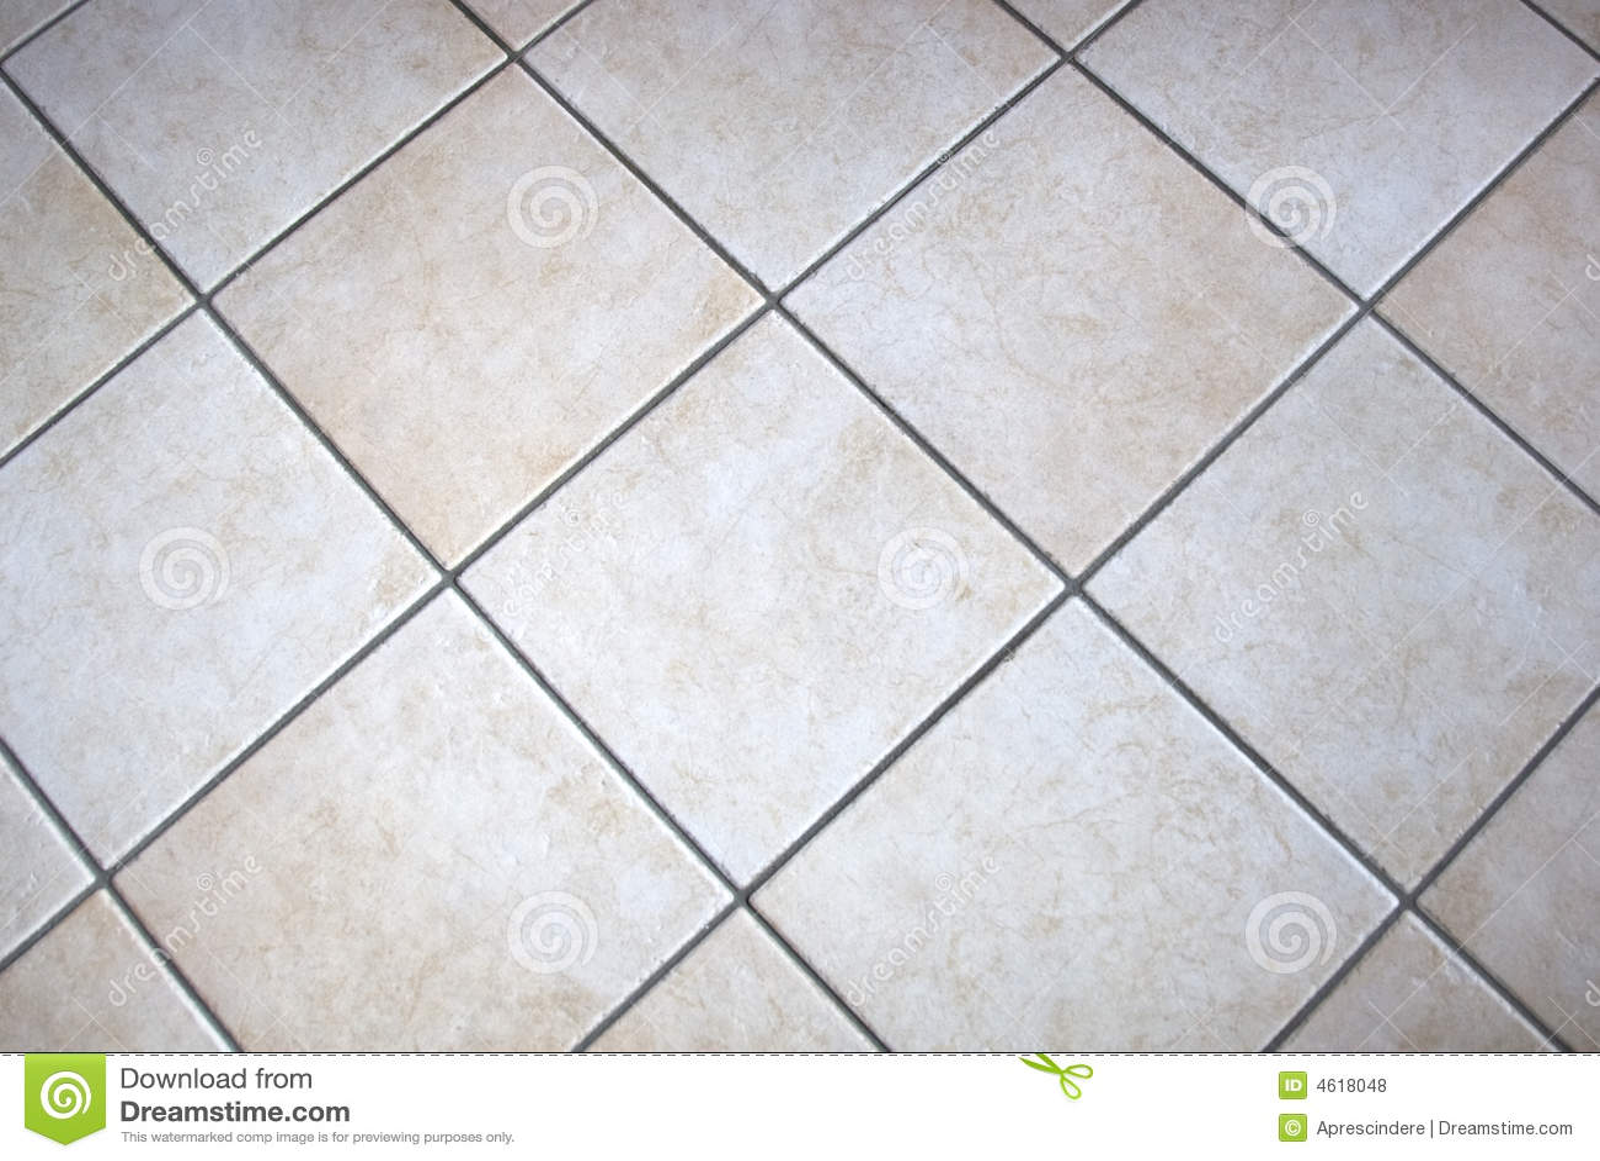 mattonelle di pavimento fotografie stock libere da diritti